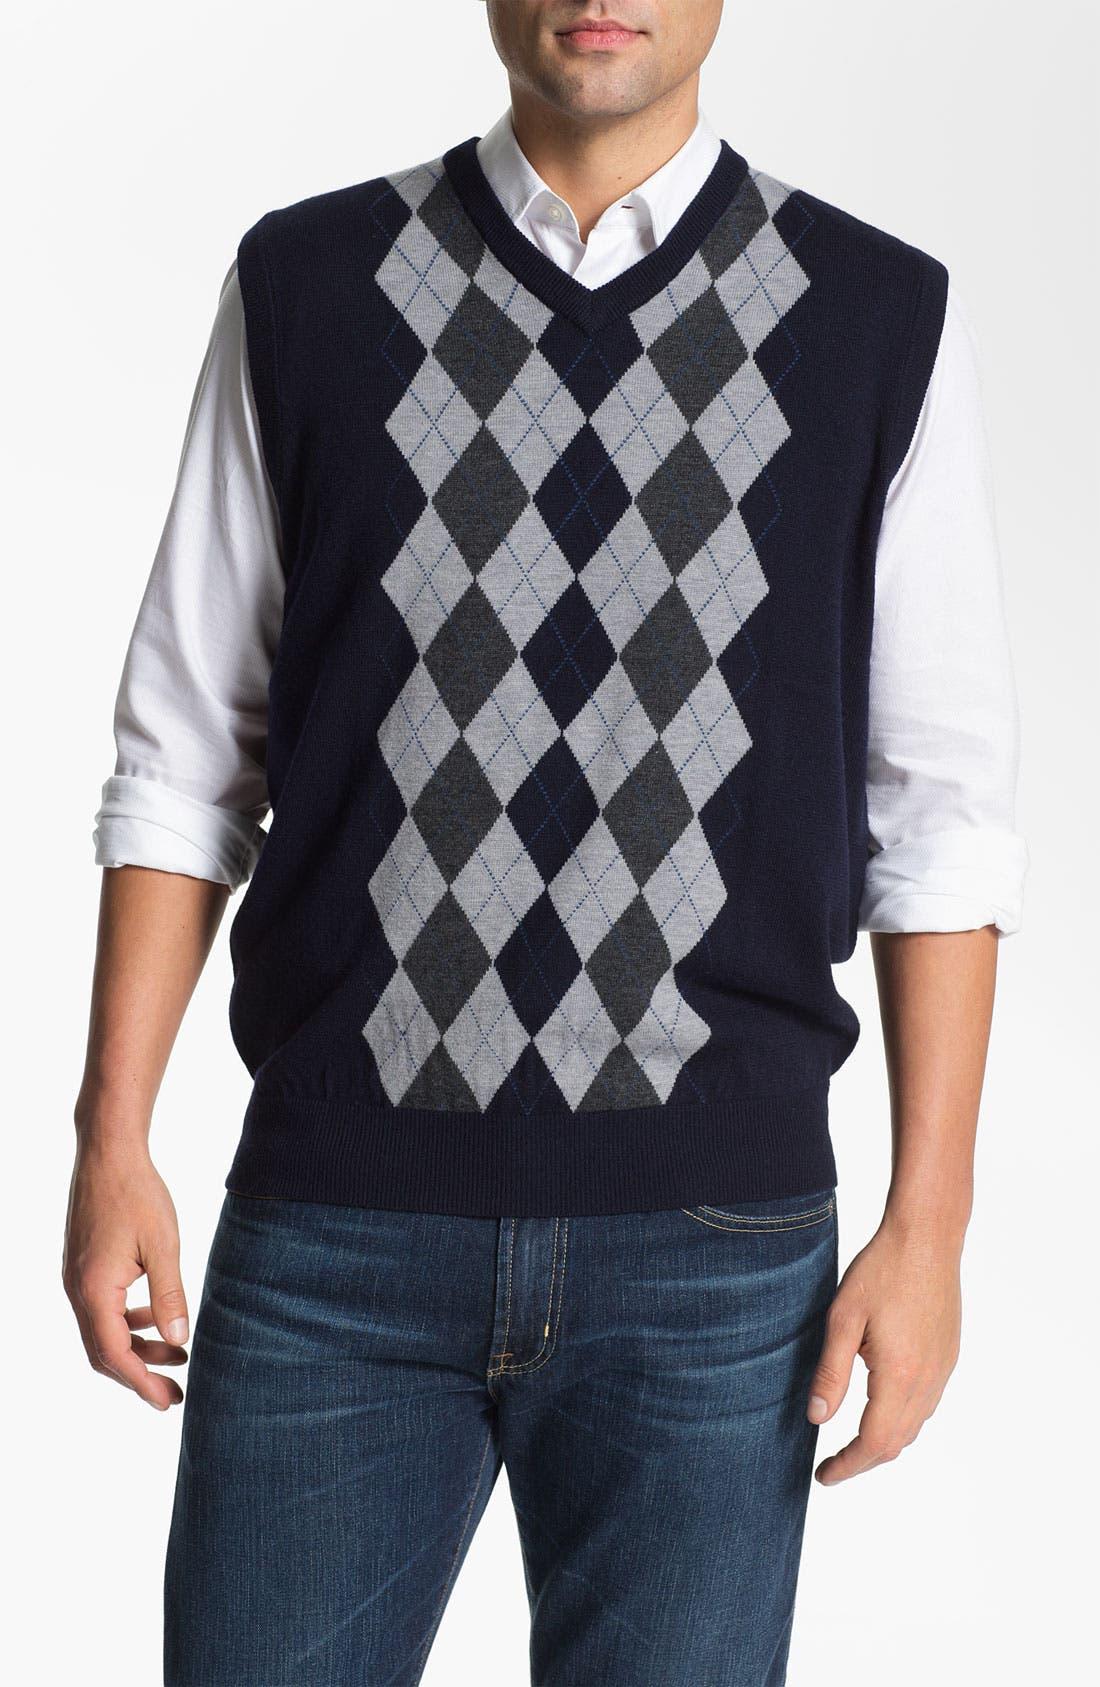 Alternate Image 1 Selected - Toscano V-Neck Wool Blend Sweater Vest